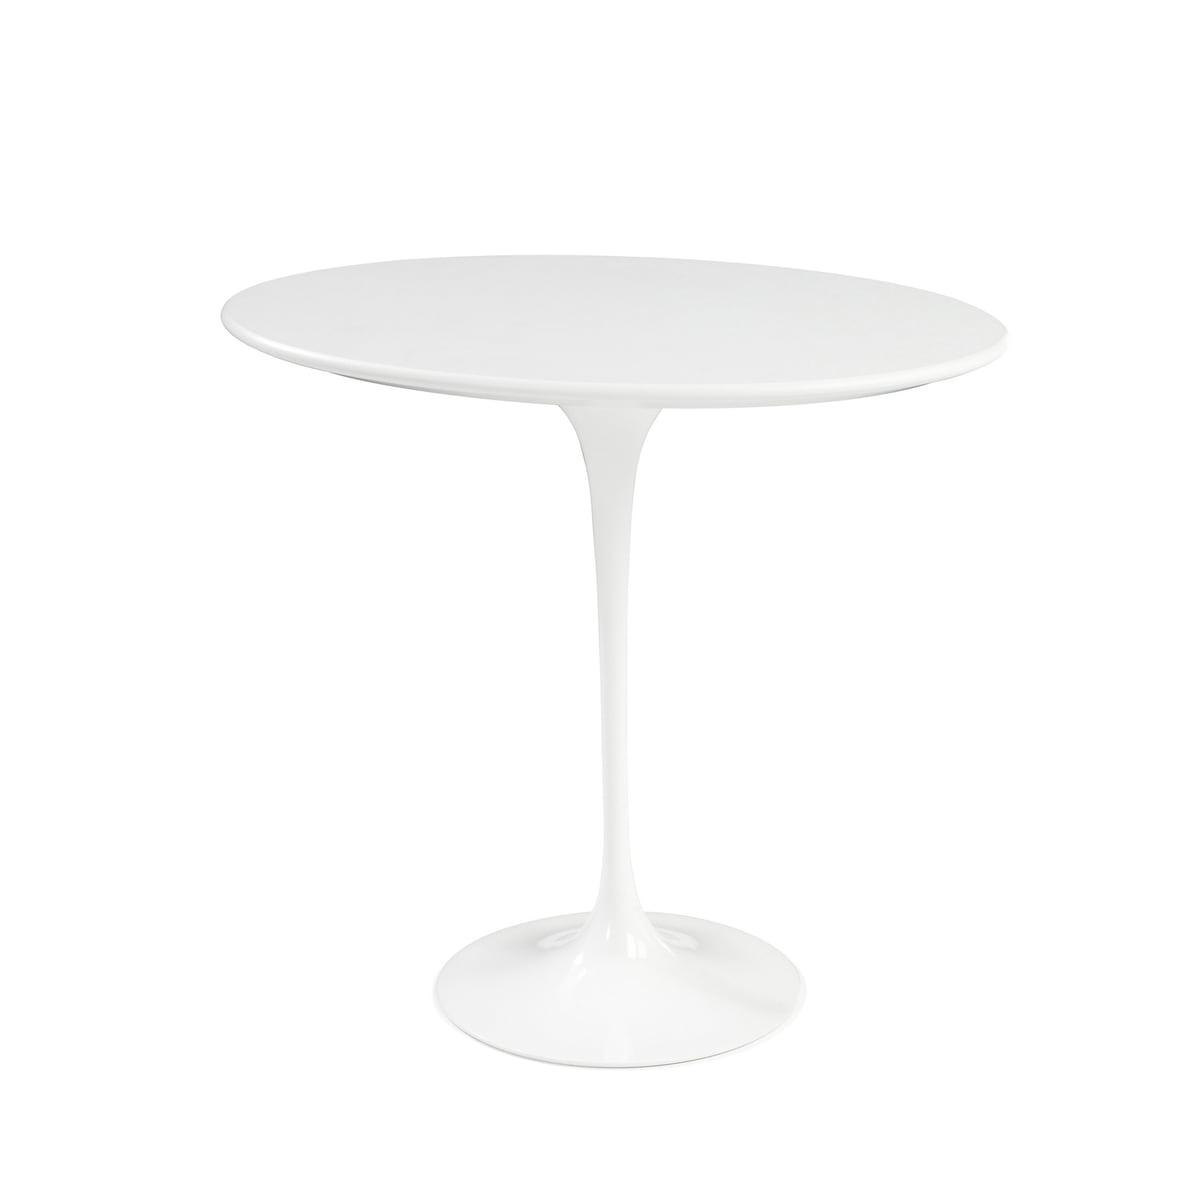 Knoll International Knoll - Saarinen Tulip Beistelltisch rund, Laminat weiß / weiß | Baumarkt > Bodenbeläge | Weiß | Knoll International